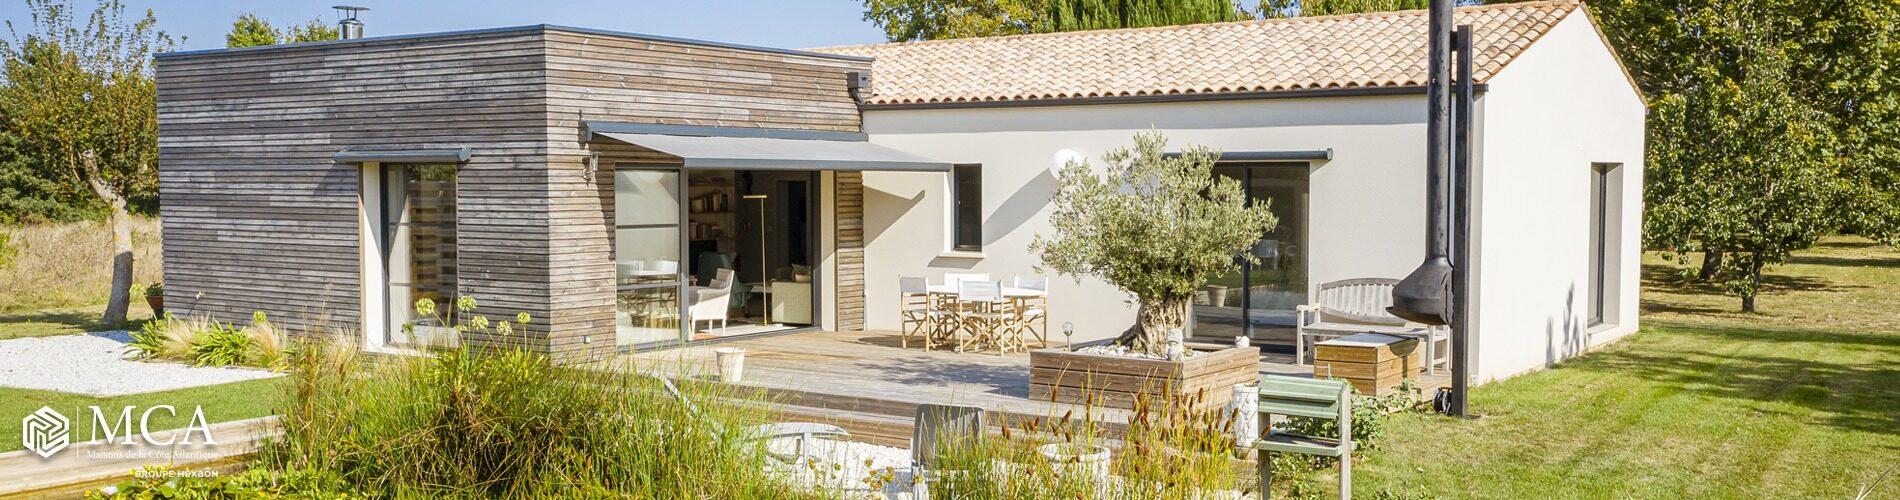 Maison passive en Charente